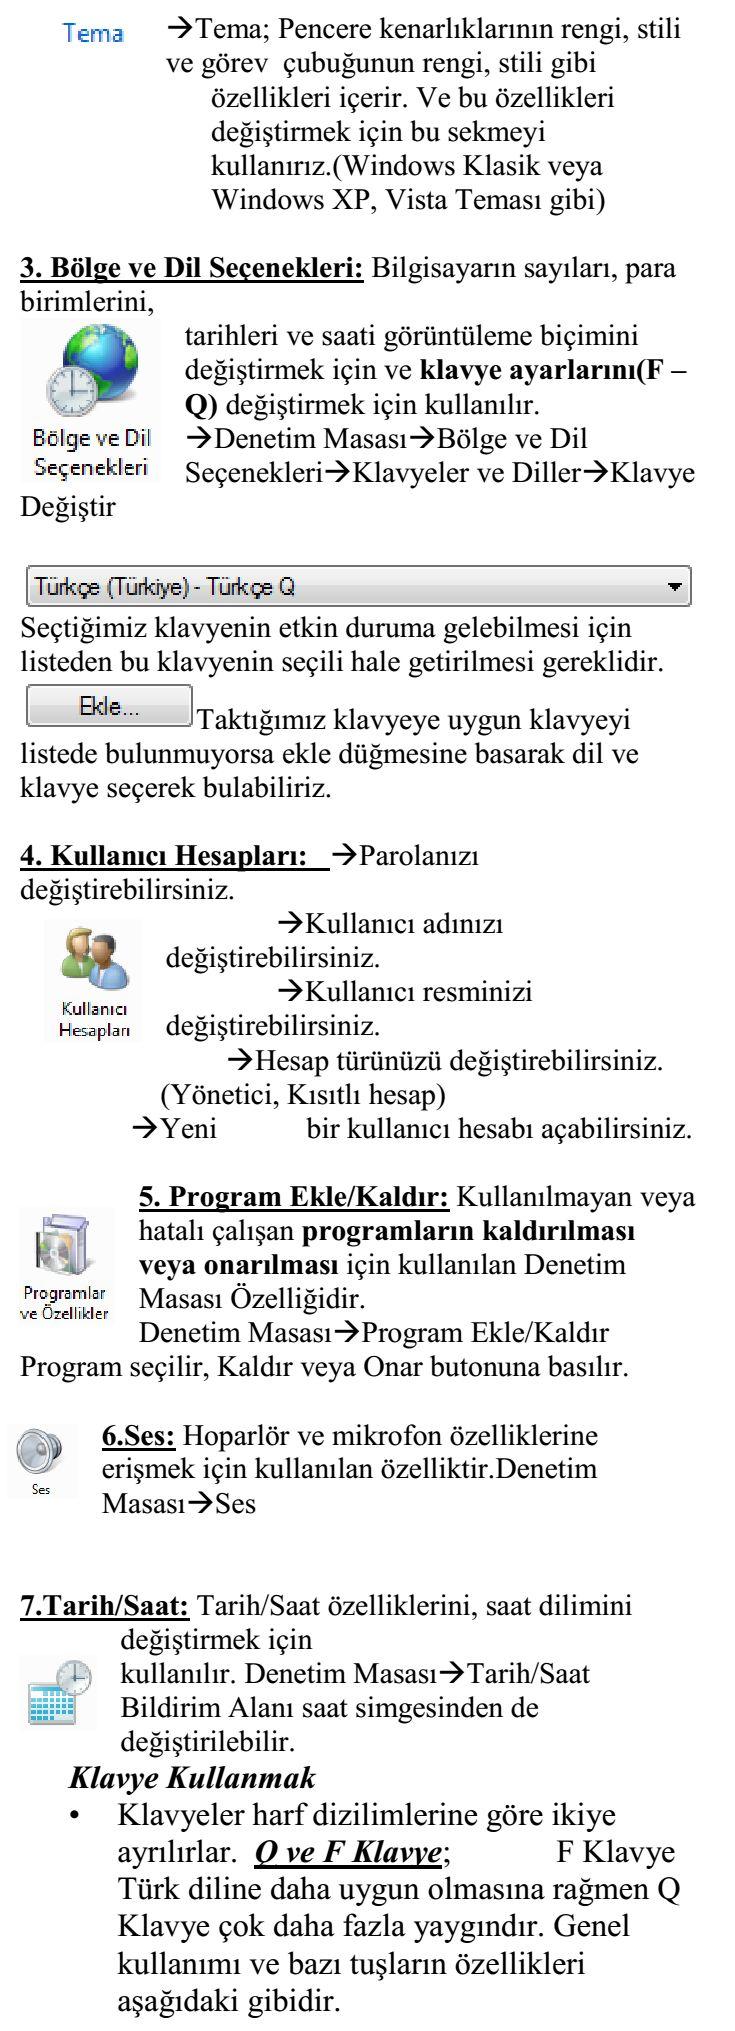 Bilgi ve İletişim Teknolojileri Dersi Ders Notu 1_6